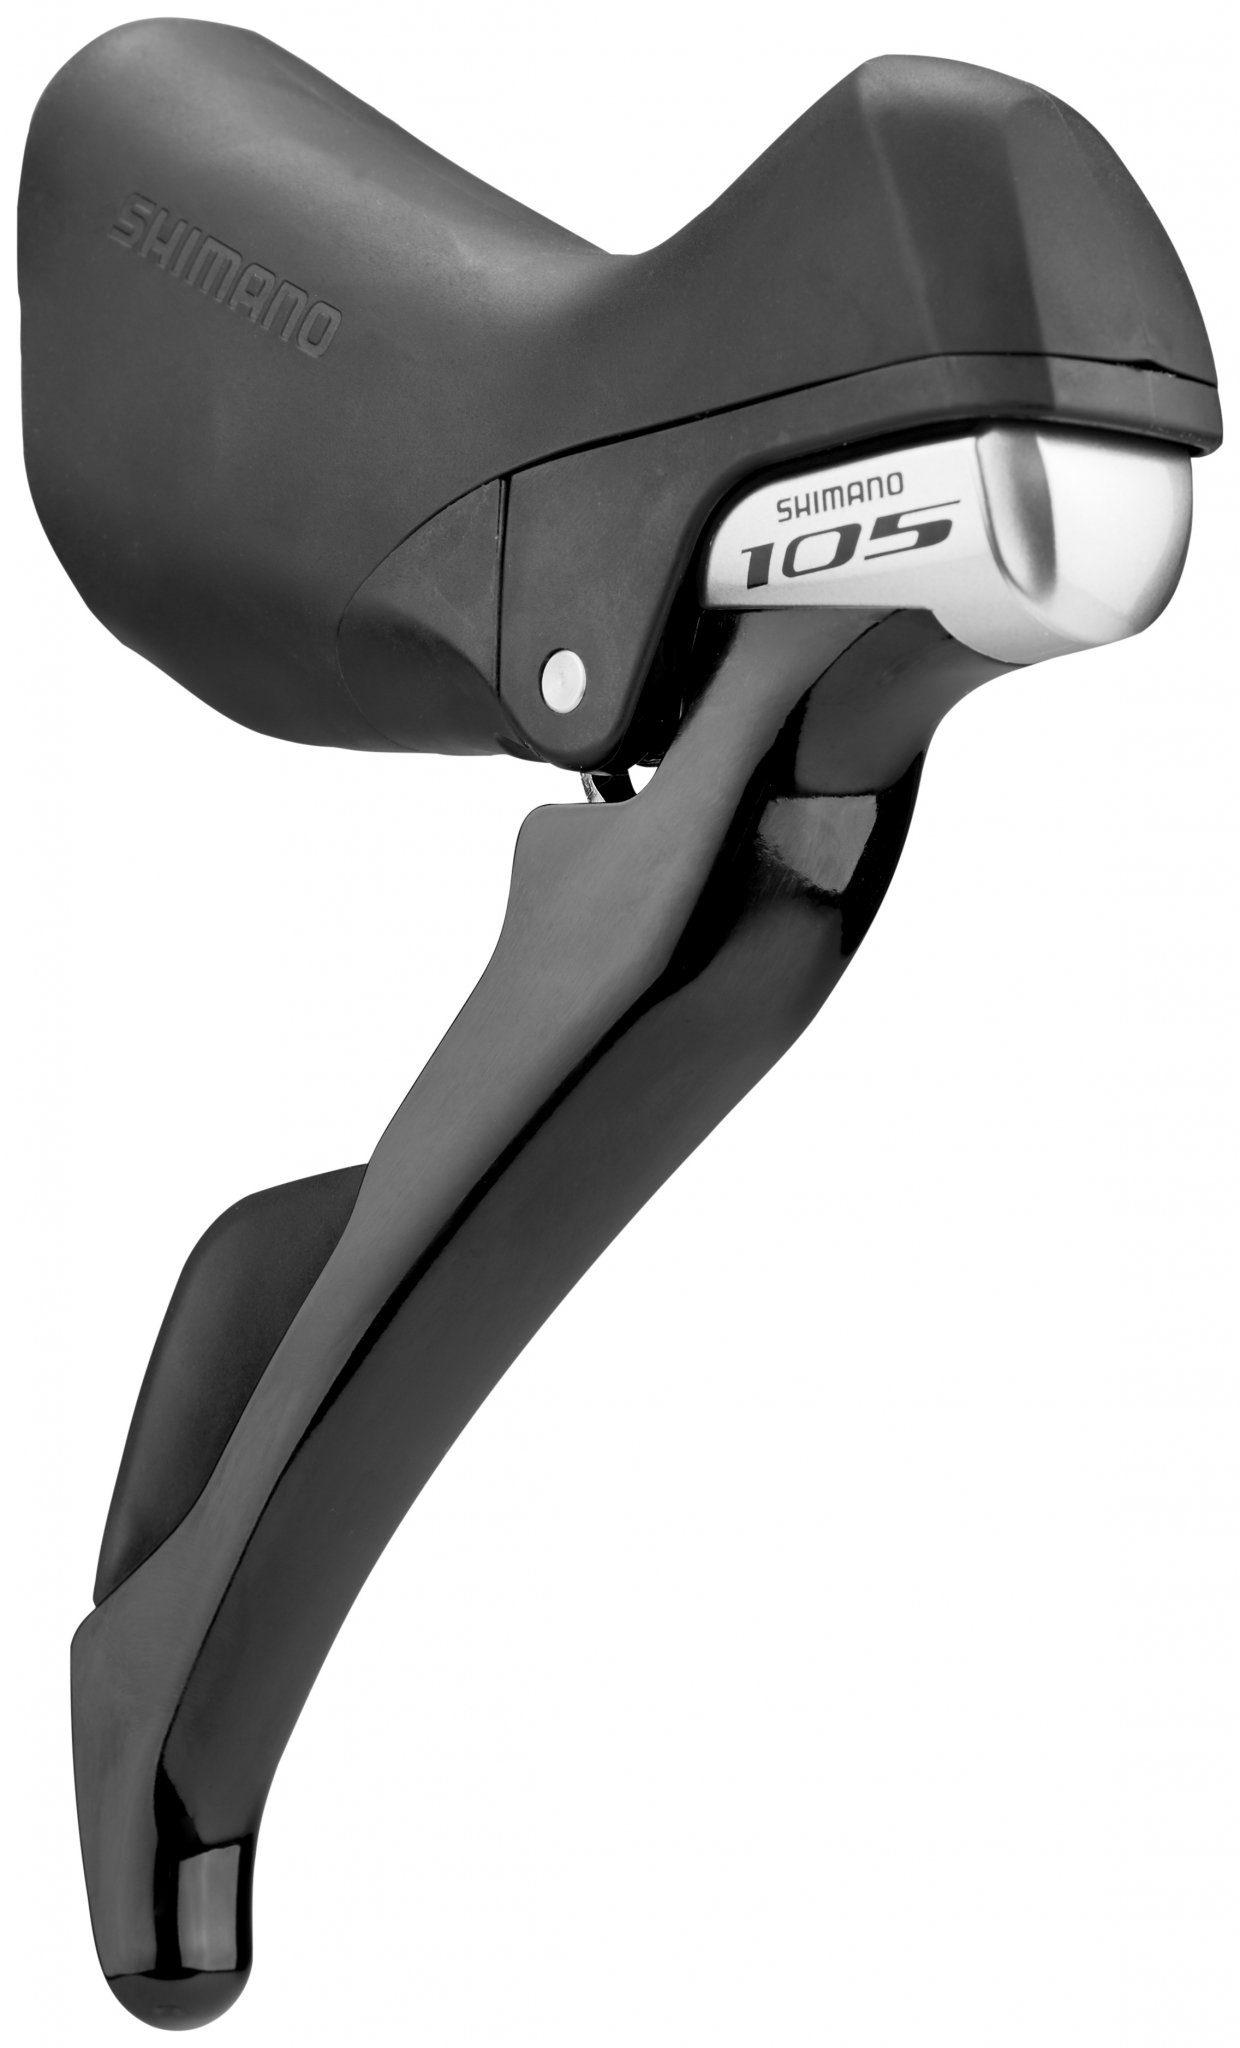 Shimano Schaltung »105 ST-5800 Schalt-/Bremshebel 11-fach«